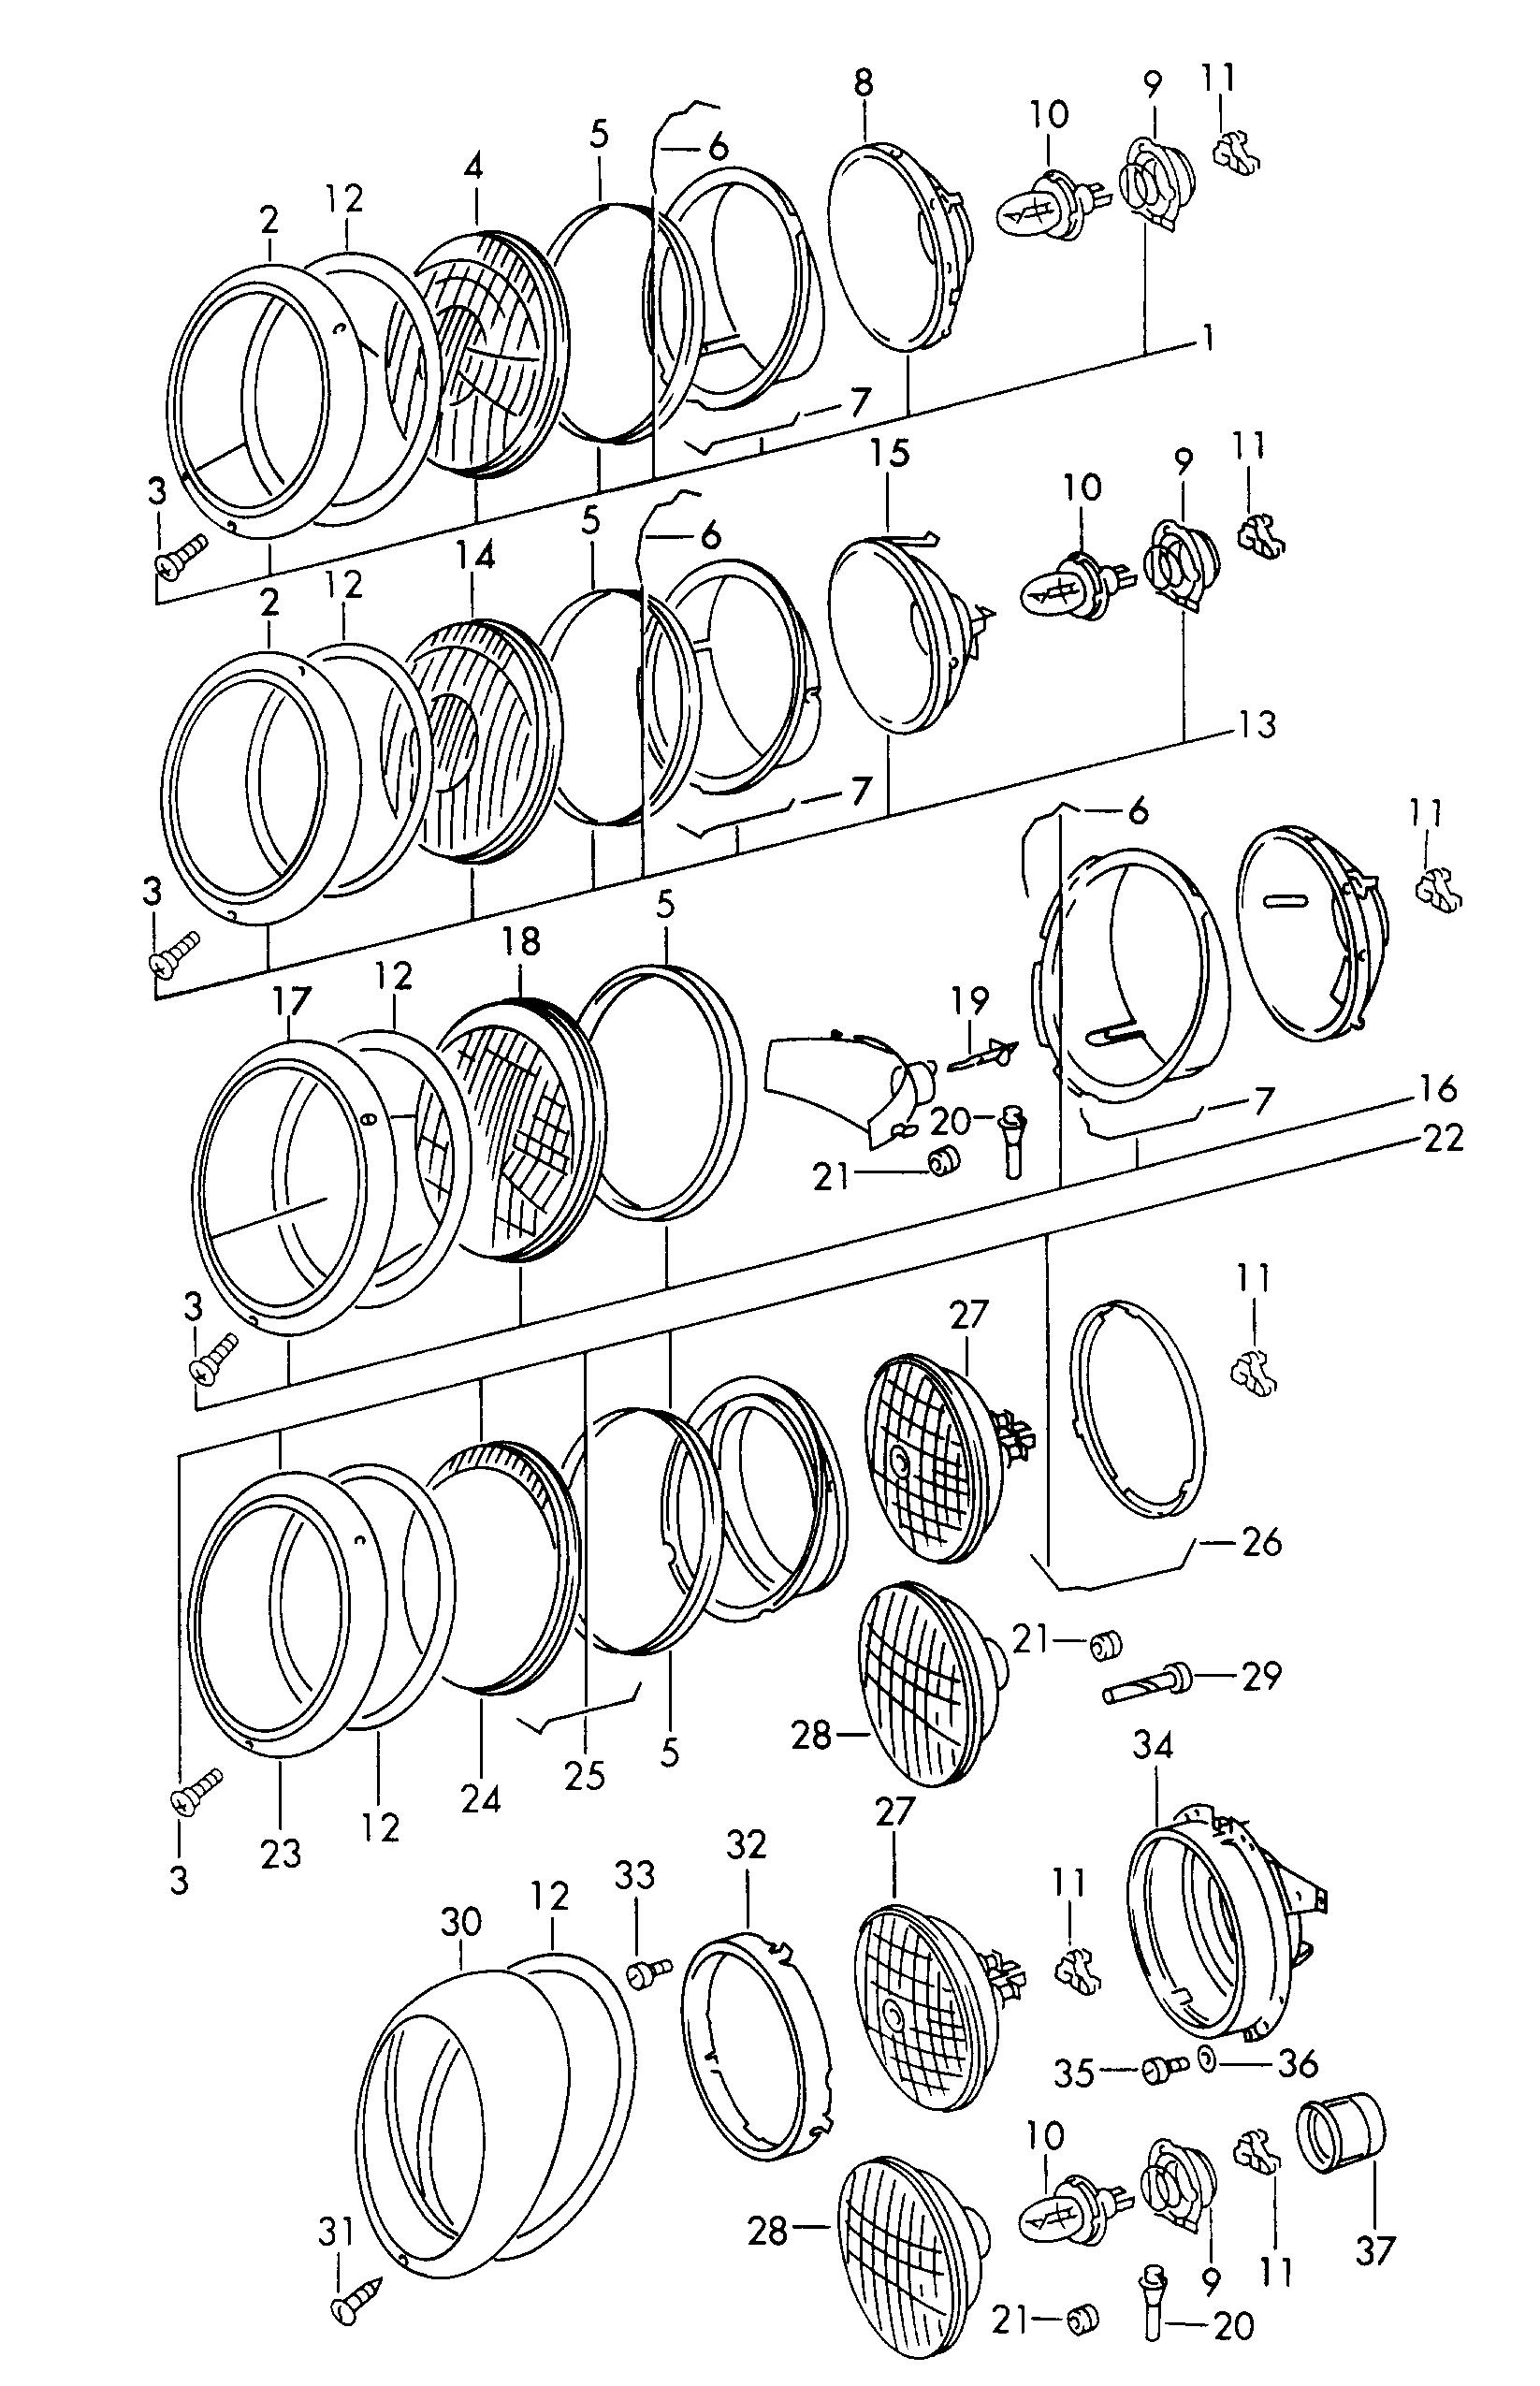 """Résultat de recherche d'images pour """"porsche 912 usa phare schema"""""""